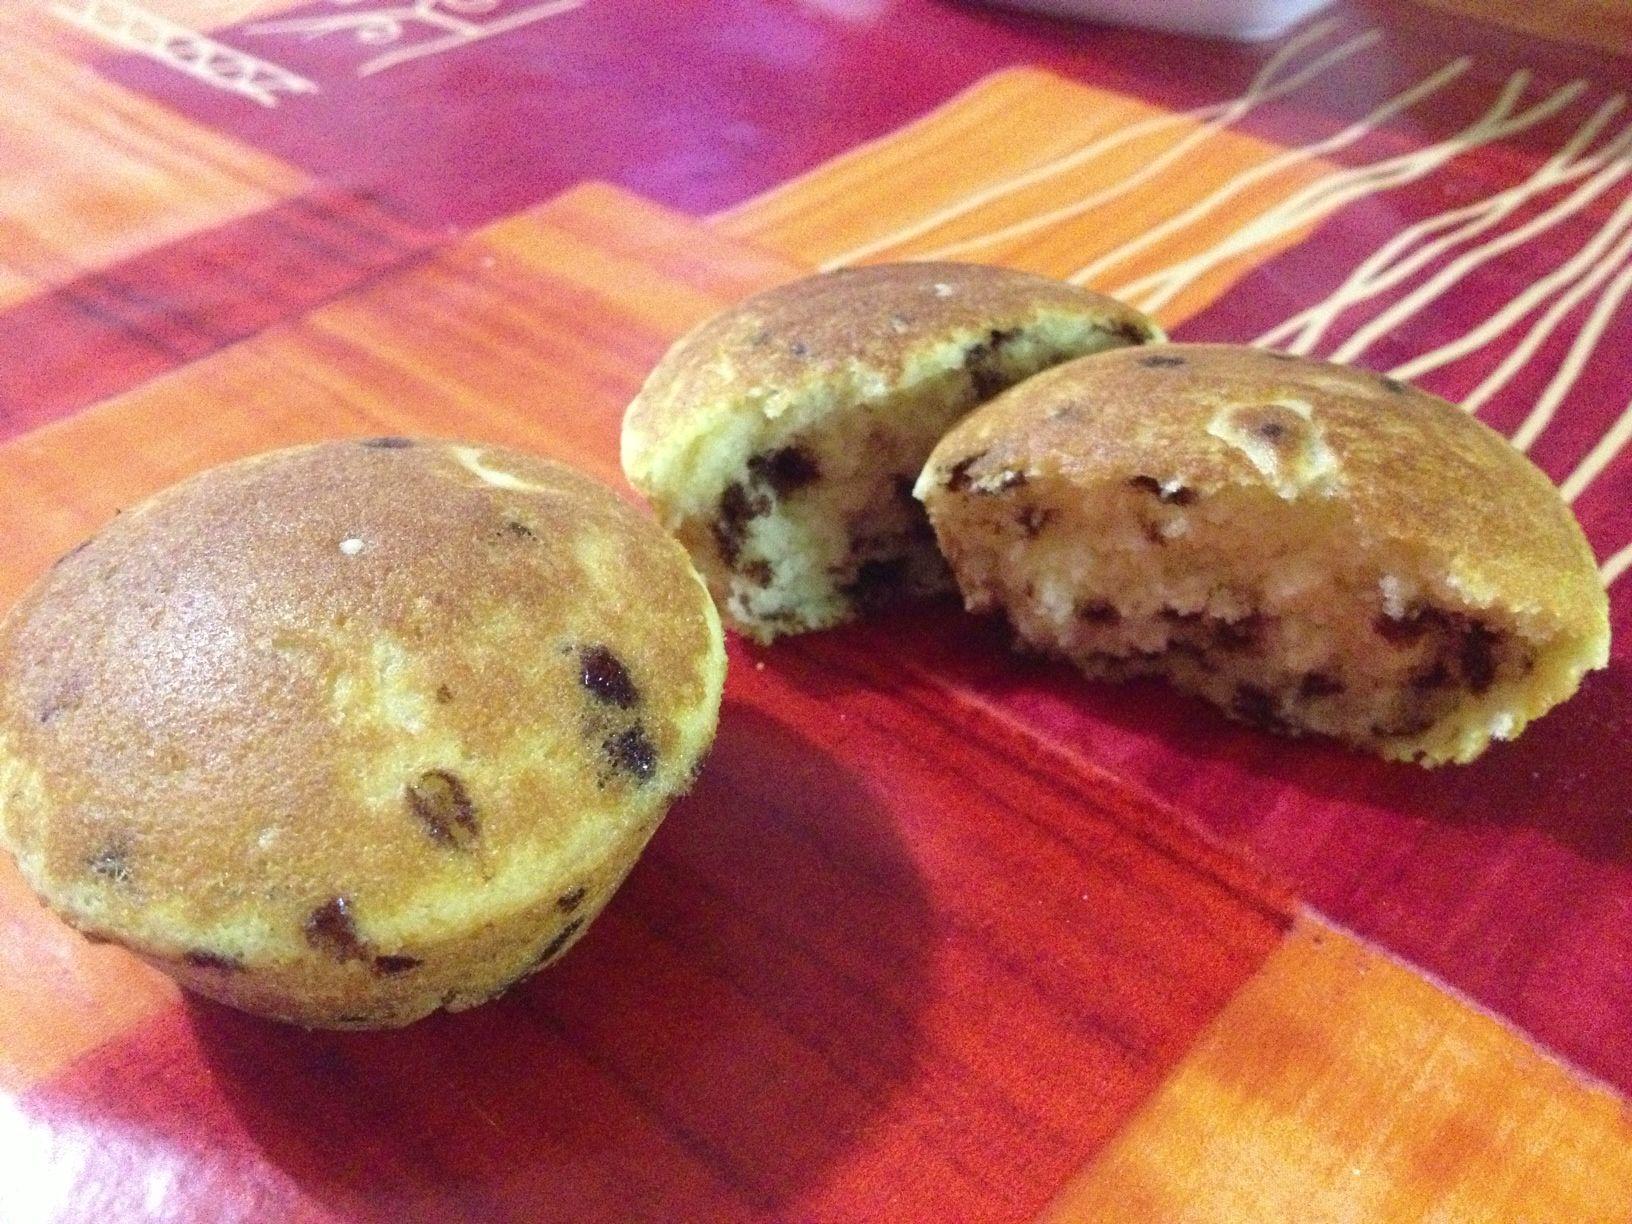 muffin2.jpg (1632×1224)